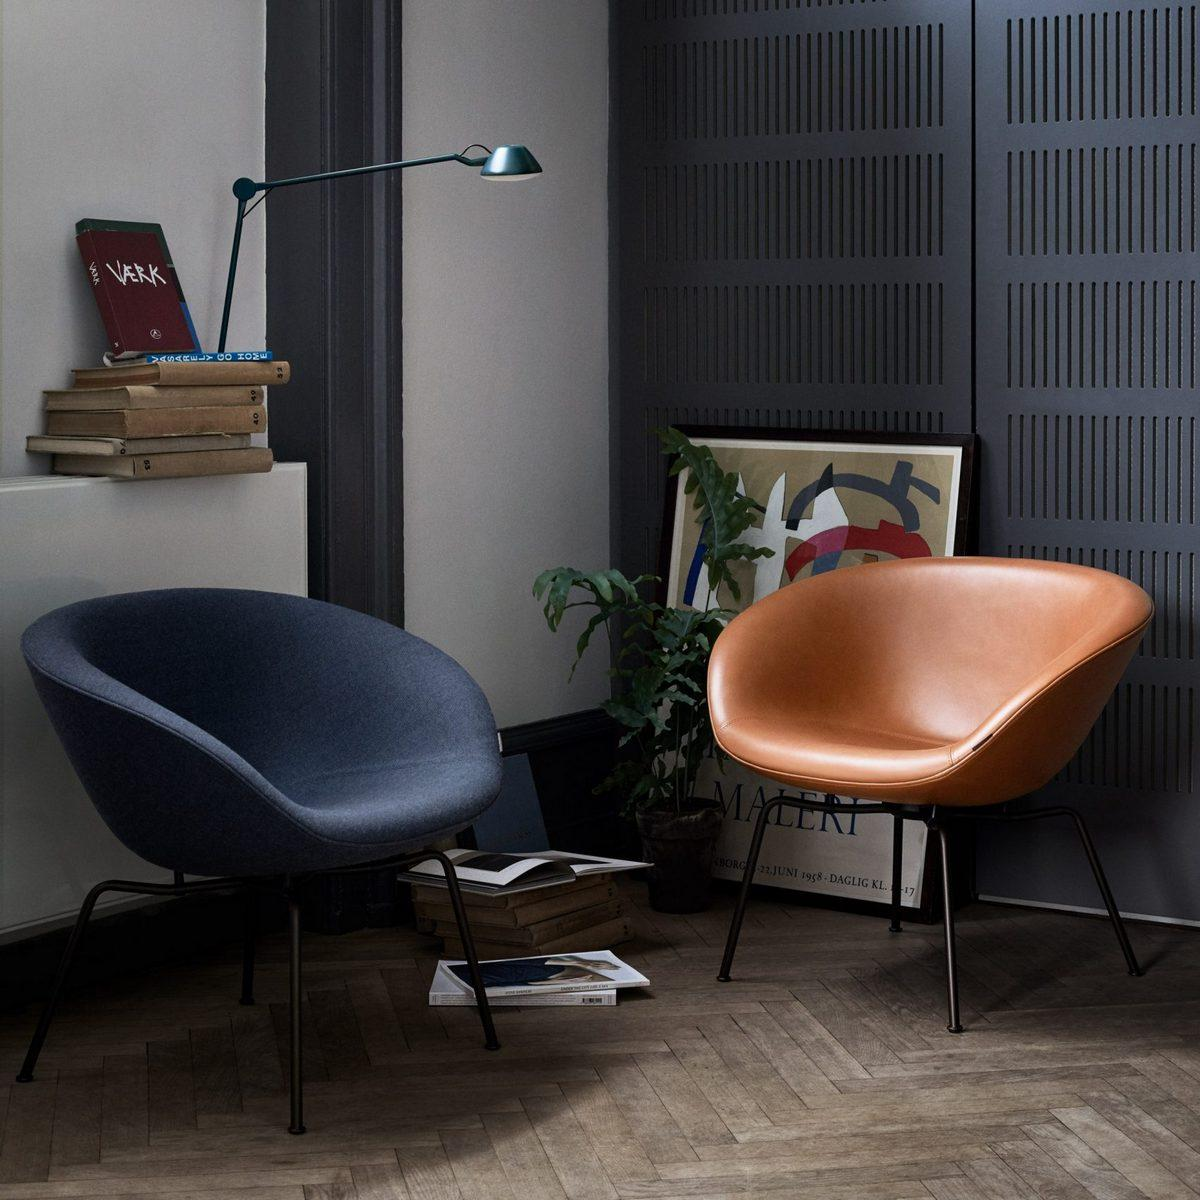 second-birth-of-scandinavian-classic02_Pot_Chair